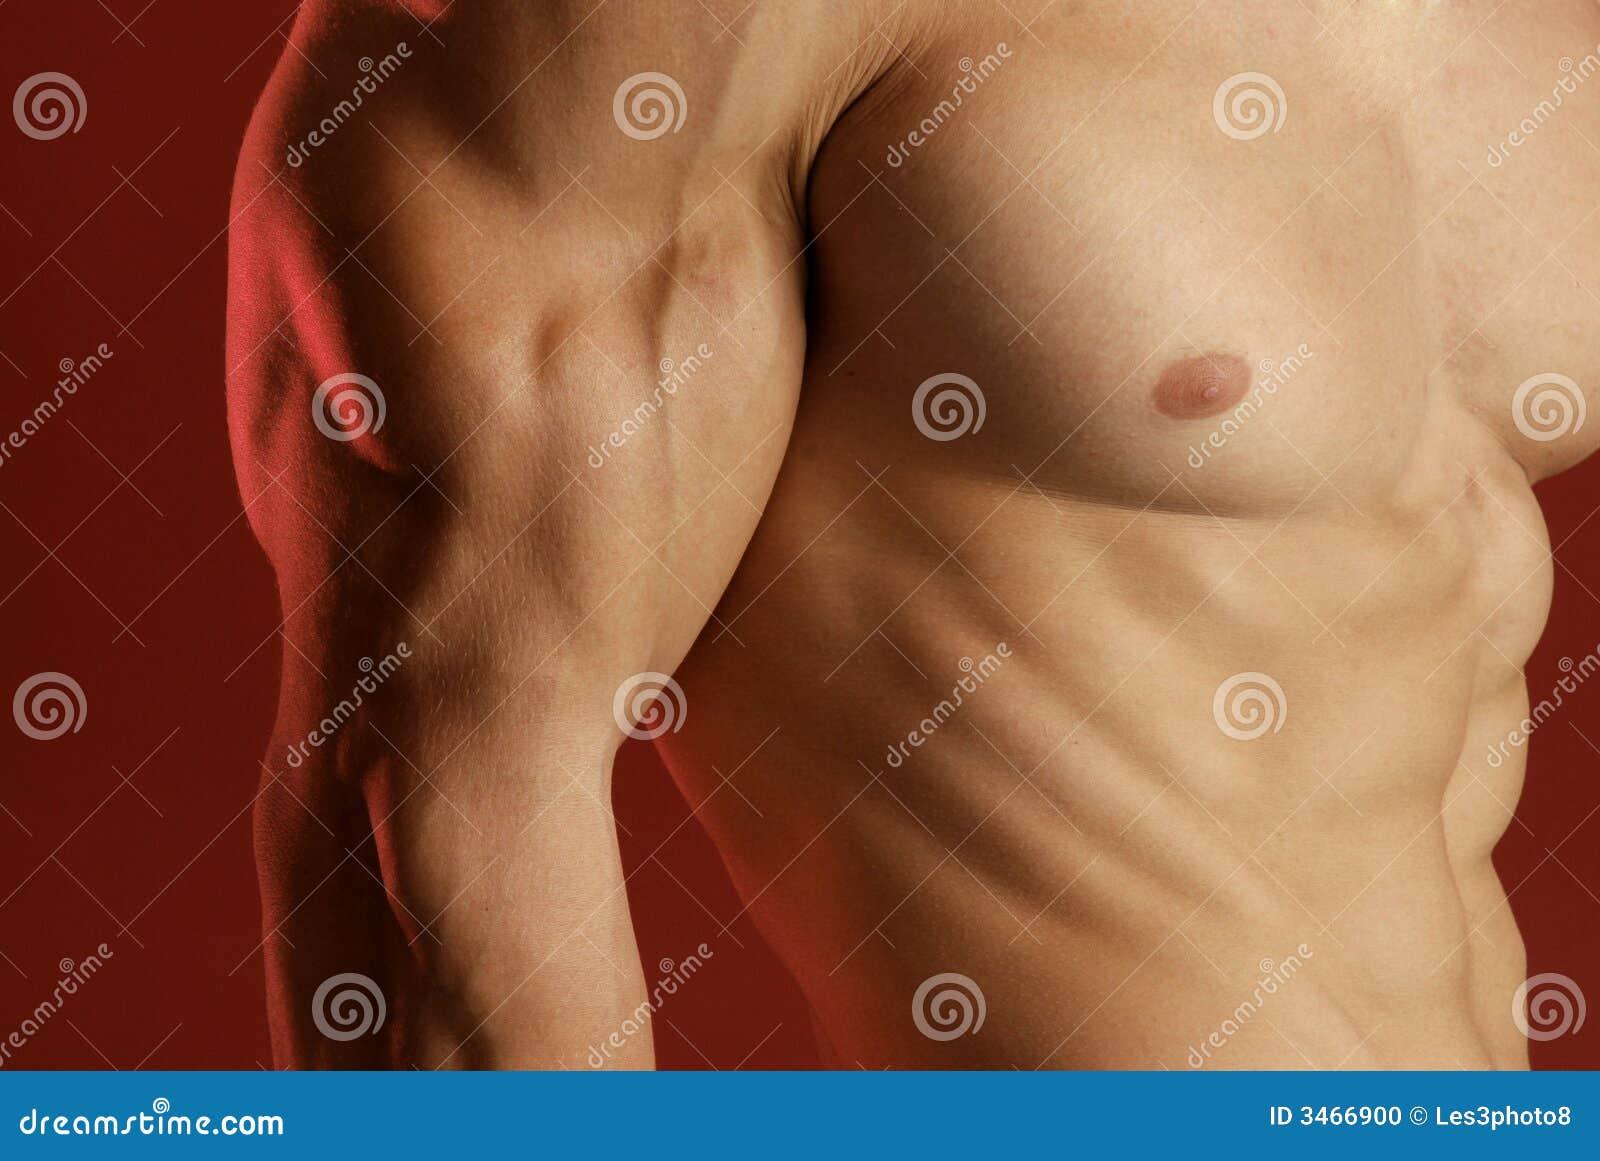 αρσενικός μυς